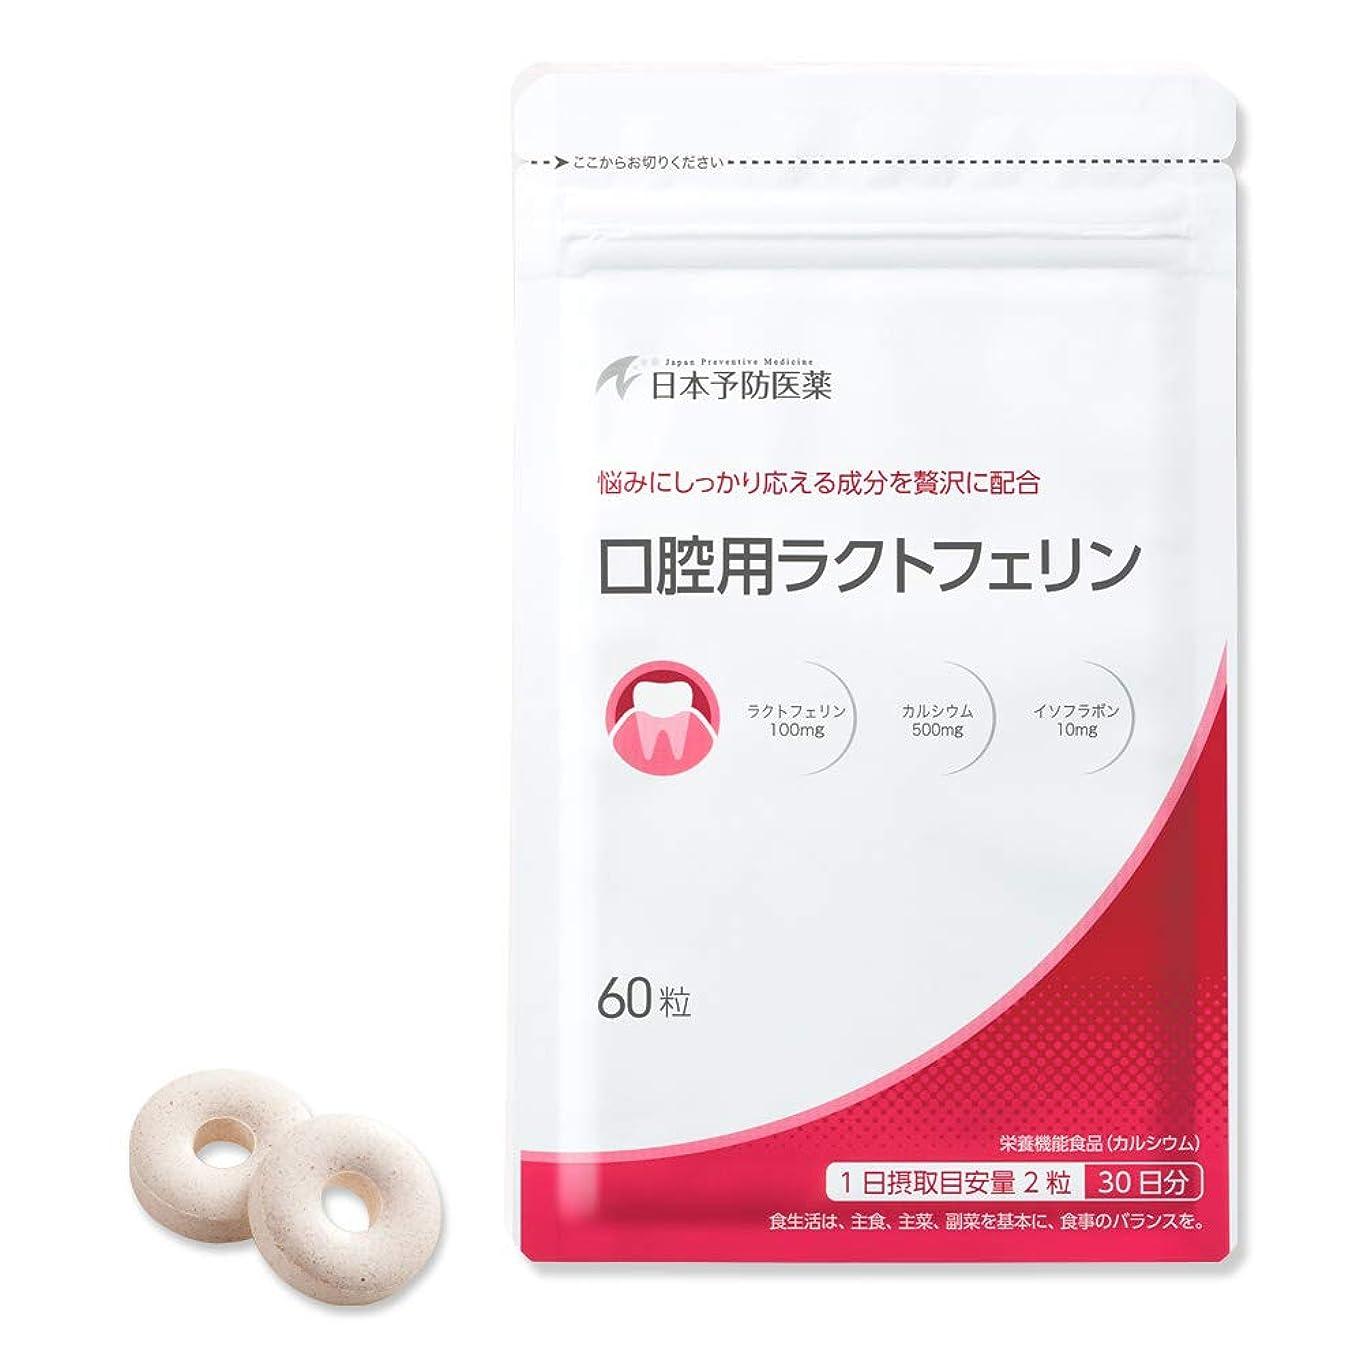 未知の敵過度に【公式店販売】口腔用ラクトフェリン 60粒入(30日分)日本予防医薬